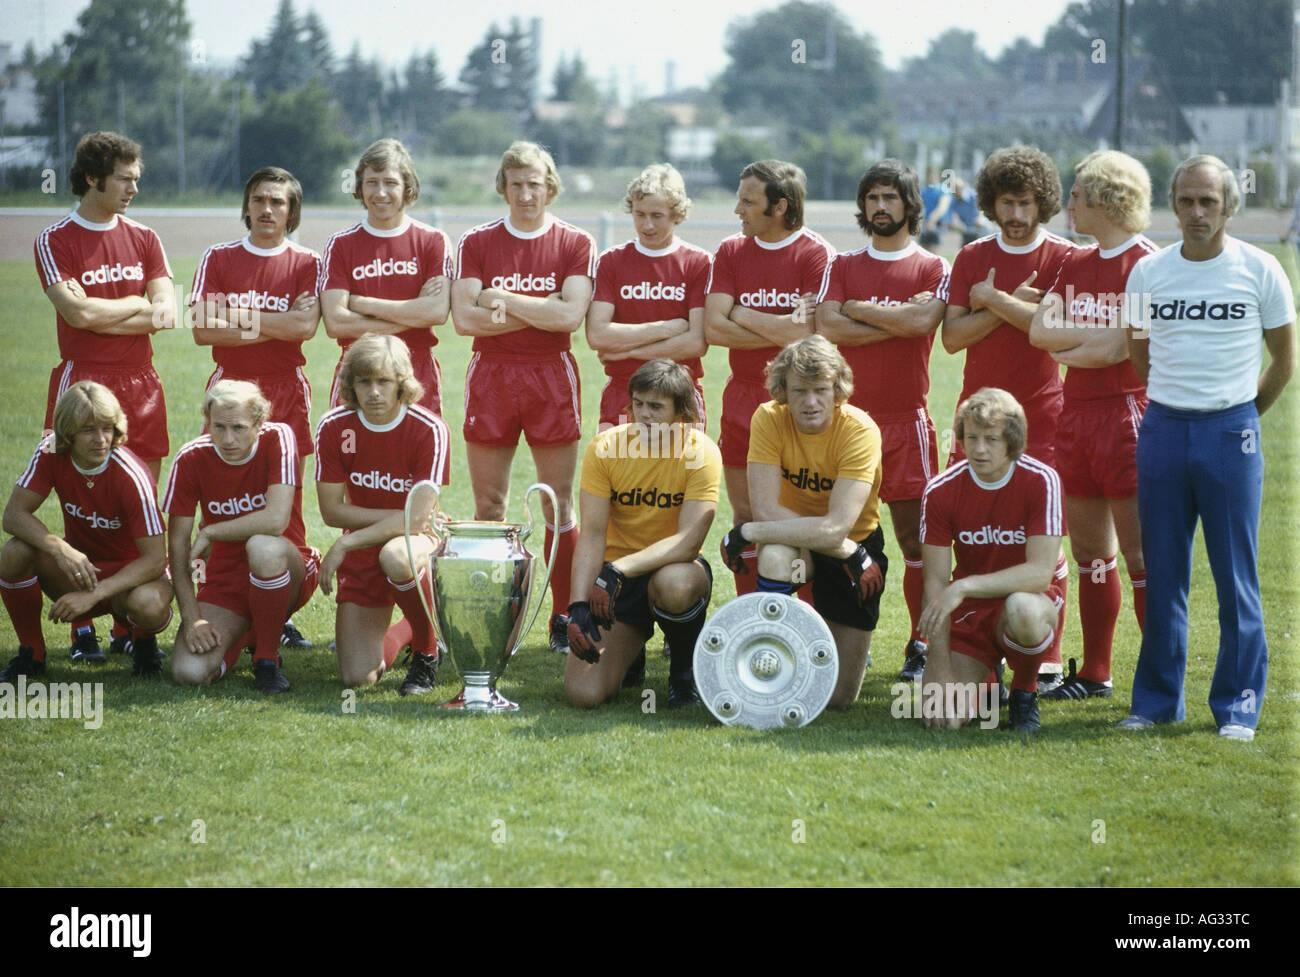 Gerd Muller Bayern Munich Stockfotos & Gerd Muller Bayern Munich ...